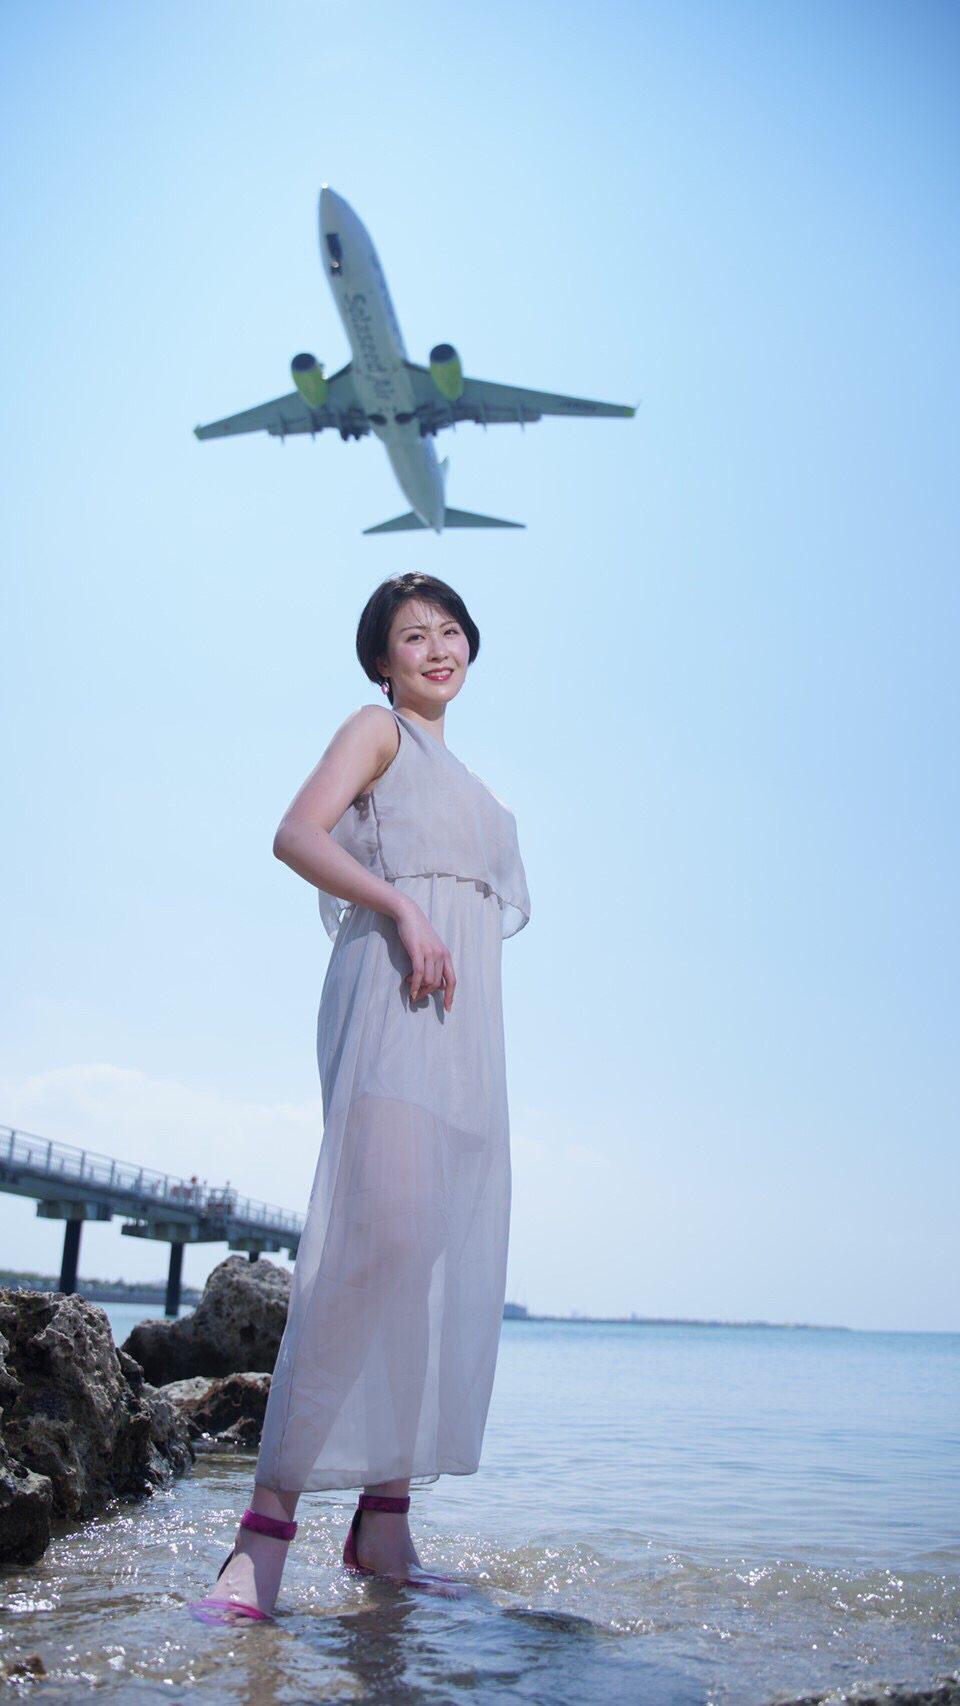 瀬長島ウミカジテラスの人気スポットで飛行機と